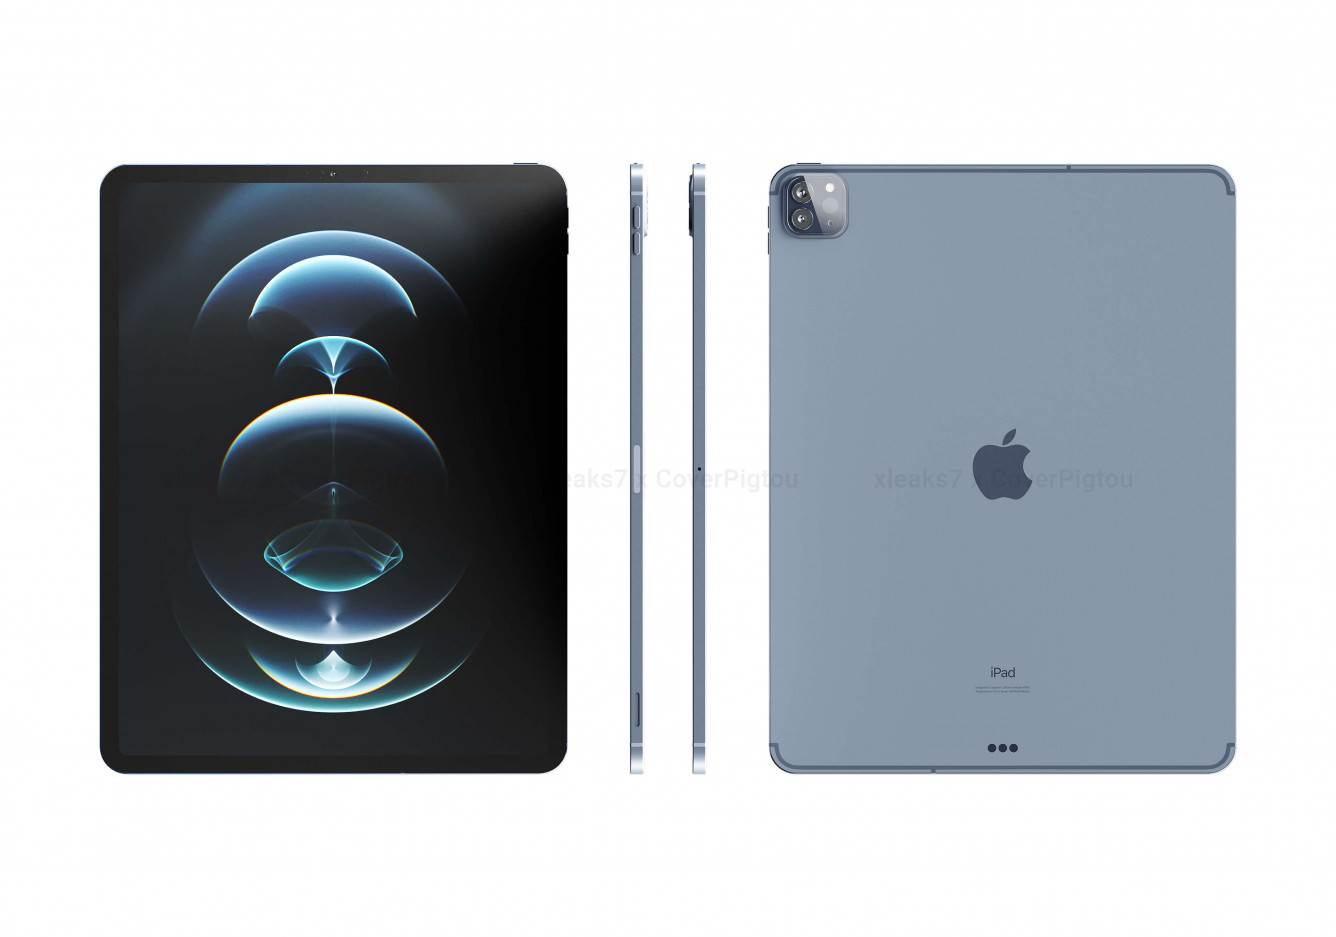 W sieci pojawiły się wysokiej jakości rendery iPad Pro 2021 ciekawostki rendery, iPad Pro 2021, CAD, Apple  Po informacjach o niewielkich zmianach jakie pojawia się w przyszłych tabletach firmy Apple, David Kowalski udostępnił oparte na CAD rendery nadchodzących 11-calowych i 12,9-calowych iPadów Pro. apple ipad pro 2021 2